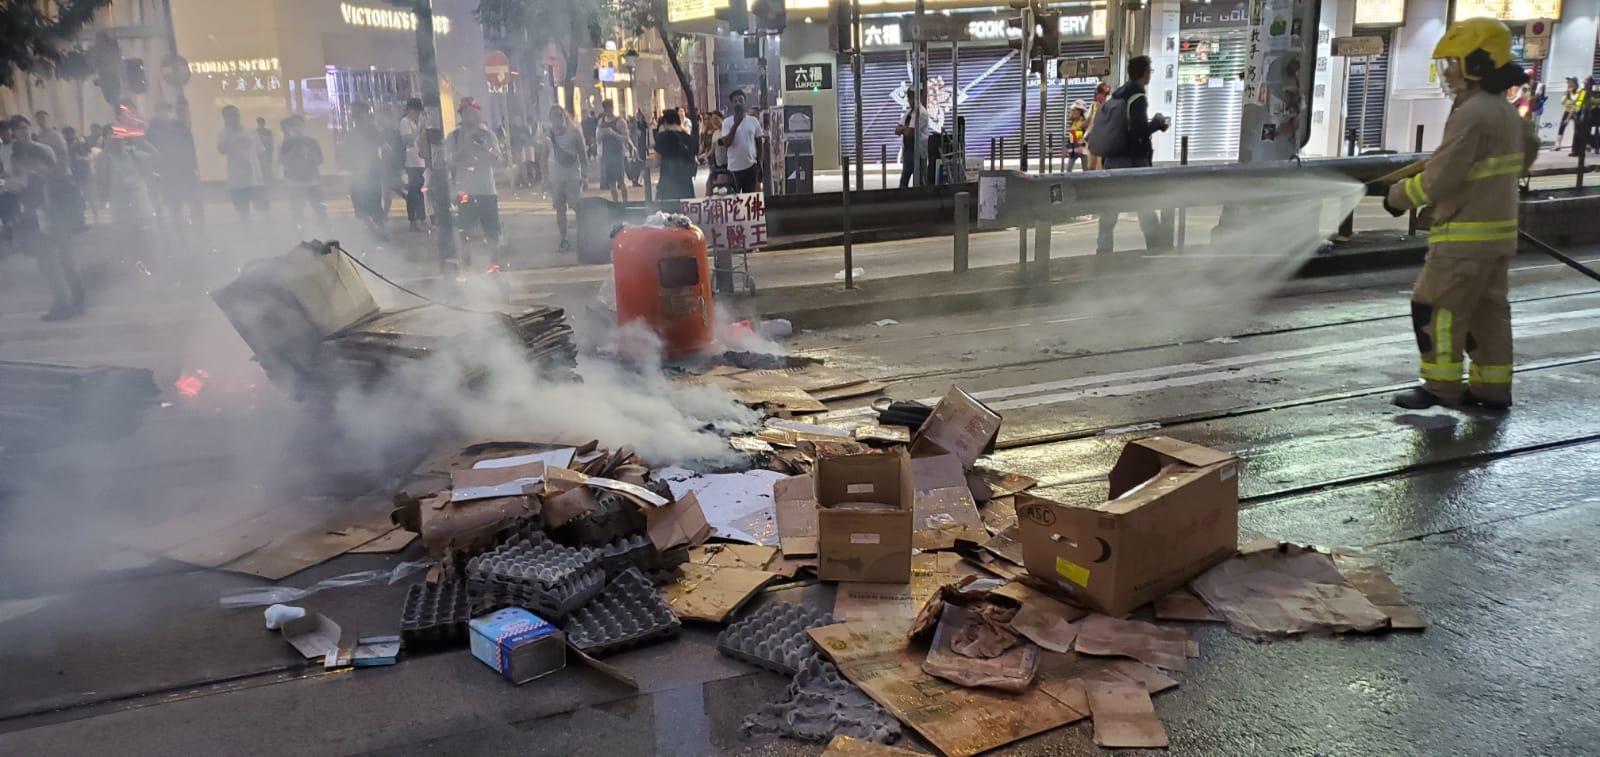 【修例风波】示威者铜锣湾纵火 消防员开喉救熄